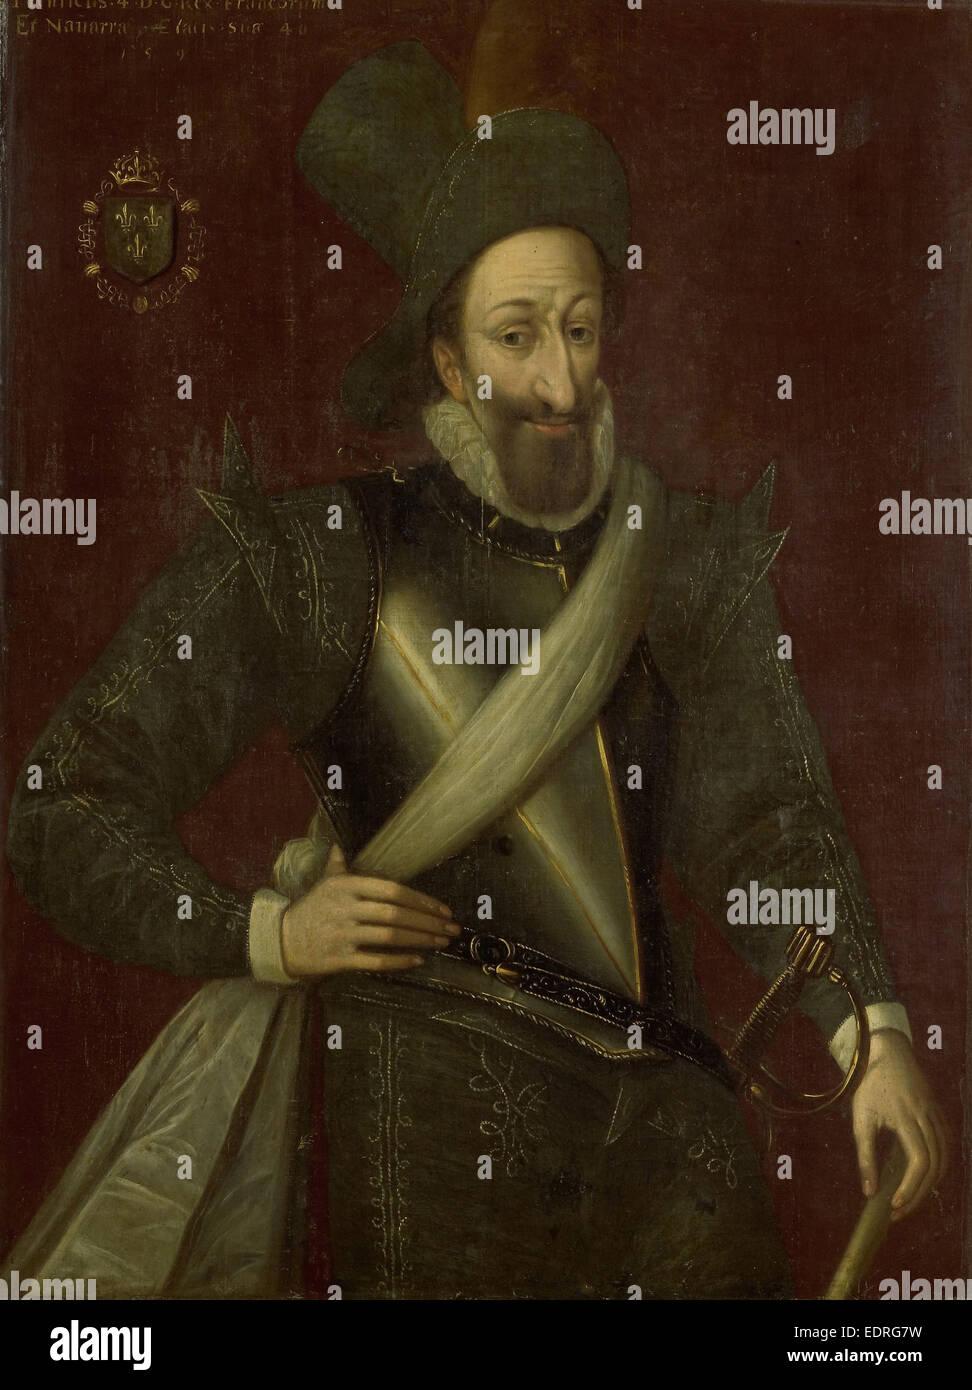 Portrait of King Henry IV of France, manner of Jacob Bunel, 1592 - Stock Image